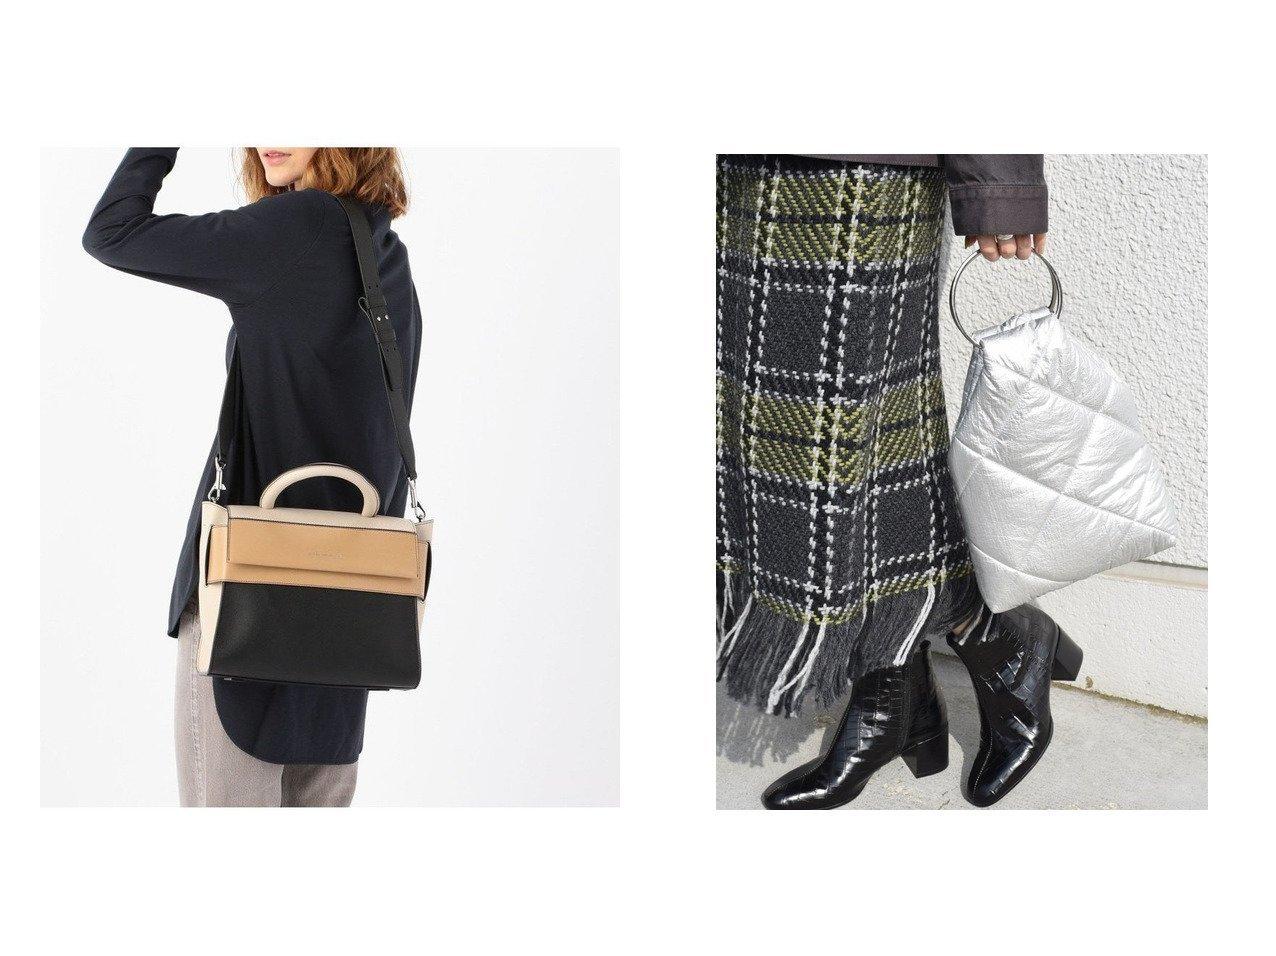 【TOMORROWLAND GOODs/トゥモローランド グッズ】のELENA GHISELLINI ハンドバッグ&【SHIPS/シップス フォー ウィメン】のCaterina Bertini パフリングハンドルトート バッグ・鞄のおすすめ!人気、トレンド・レディースファッションの通販 おすすめで人気の流行・トレンド、ファッションの通販商品 メンズファッション・キッズファッション・インテリア・家具・レディースファッション・服の通販 founy(ファニー) https://founy.com/ ファッション Fashion レディースファッション WOMEN バッグ Bag アクセサリー イタリア エレガント ハンドバッグ パターン フォルム フォーマル 2020年 2020 S/S 春夏 SS Spring/Summer 2020 春夏 S/S SS Spring/Summer 2020 |ID:crp329100000013696